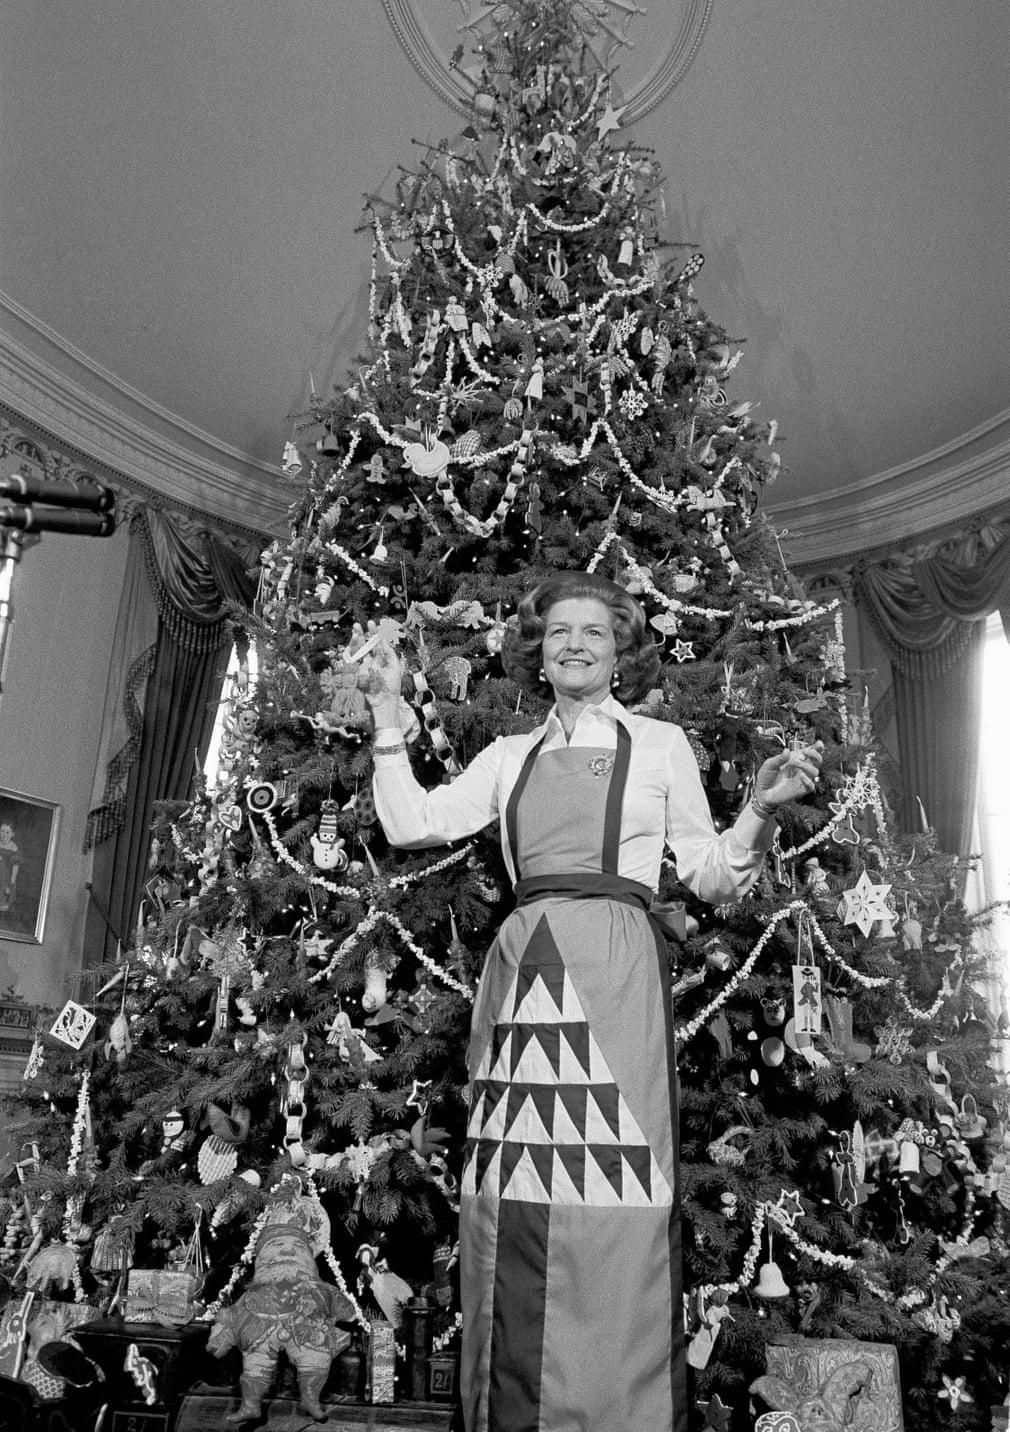 بيتى فورد بجانب شجرة الكريسماس لعام 1975